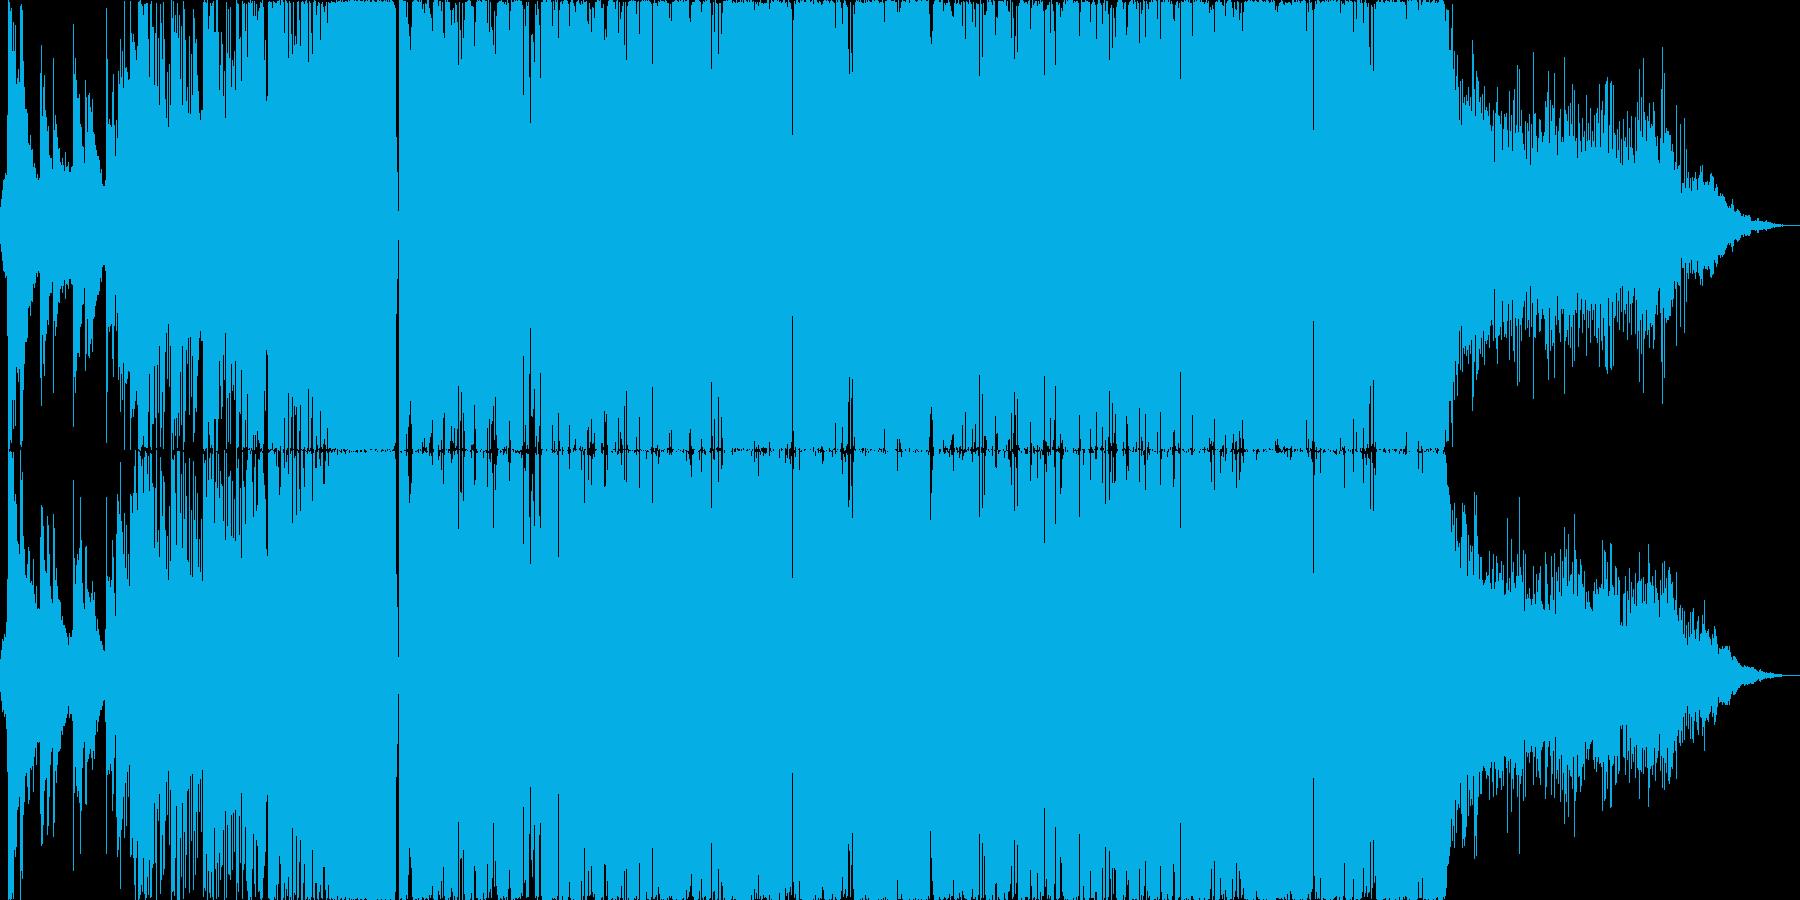 【EDM・ダブステップ】綺麗なメロディーの再生済みの波形